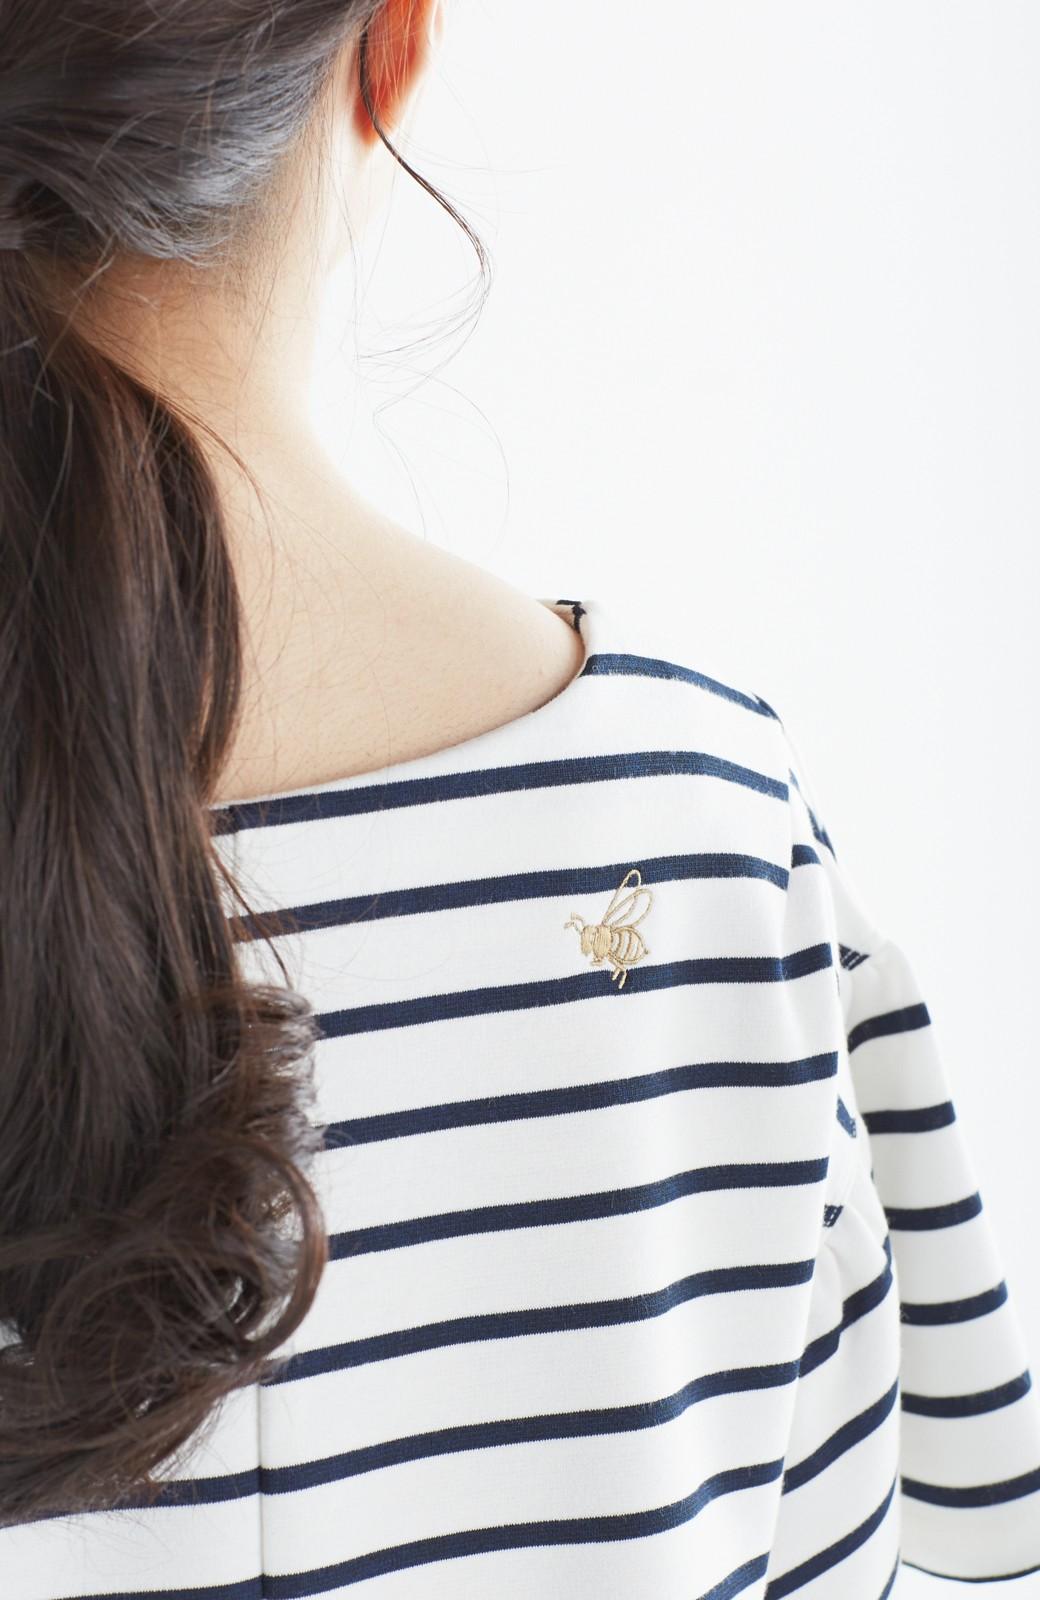 nusy 蜂とパンジー刺しゅうのふんわり袖ボーダートップス <ホワイト×ネイビー>の商品写真4